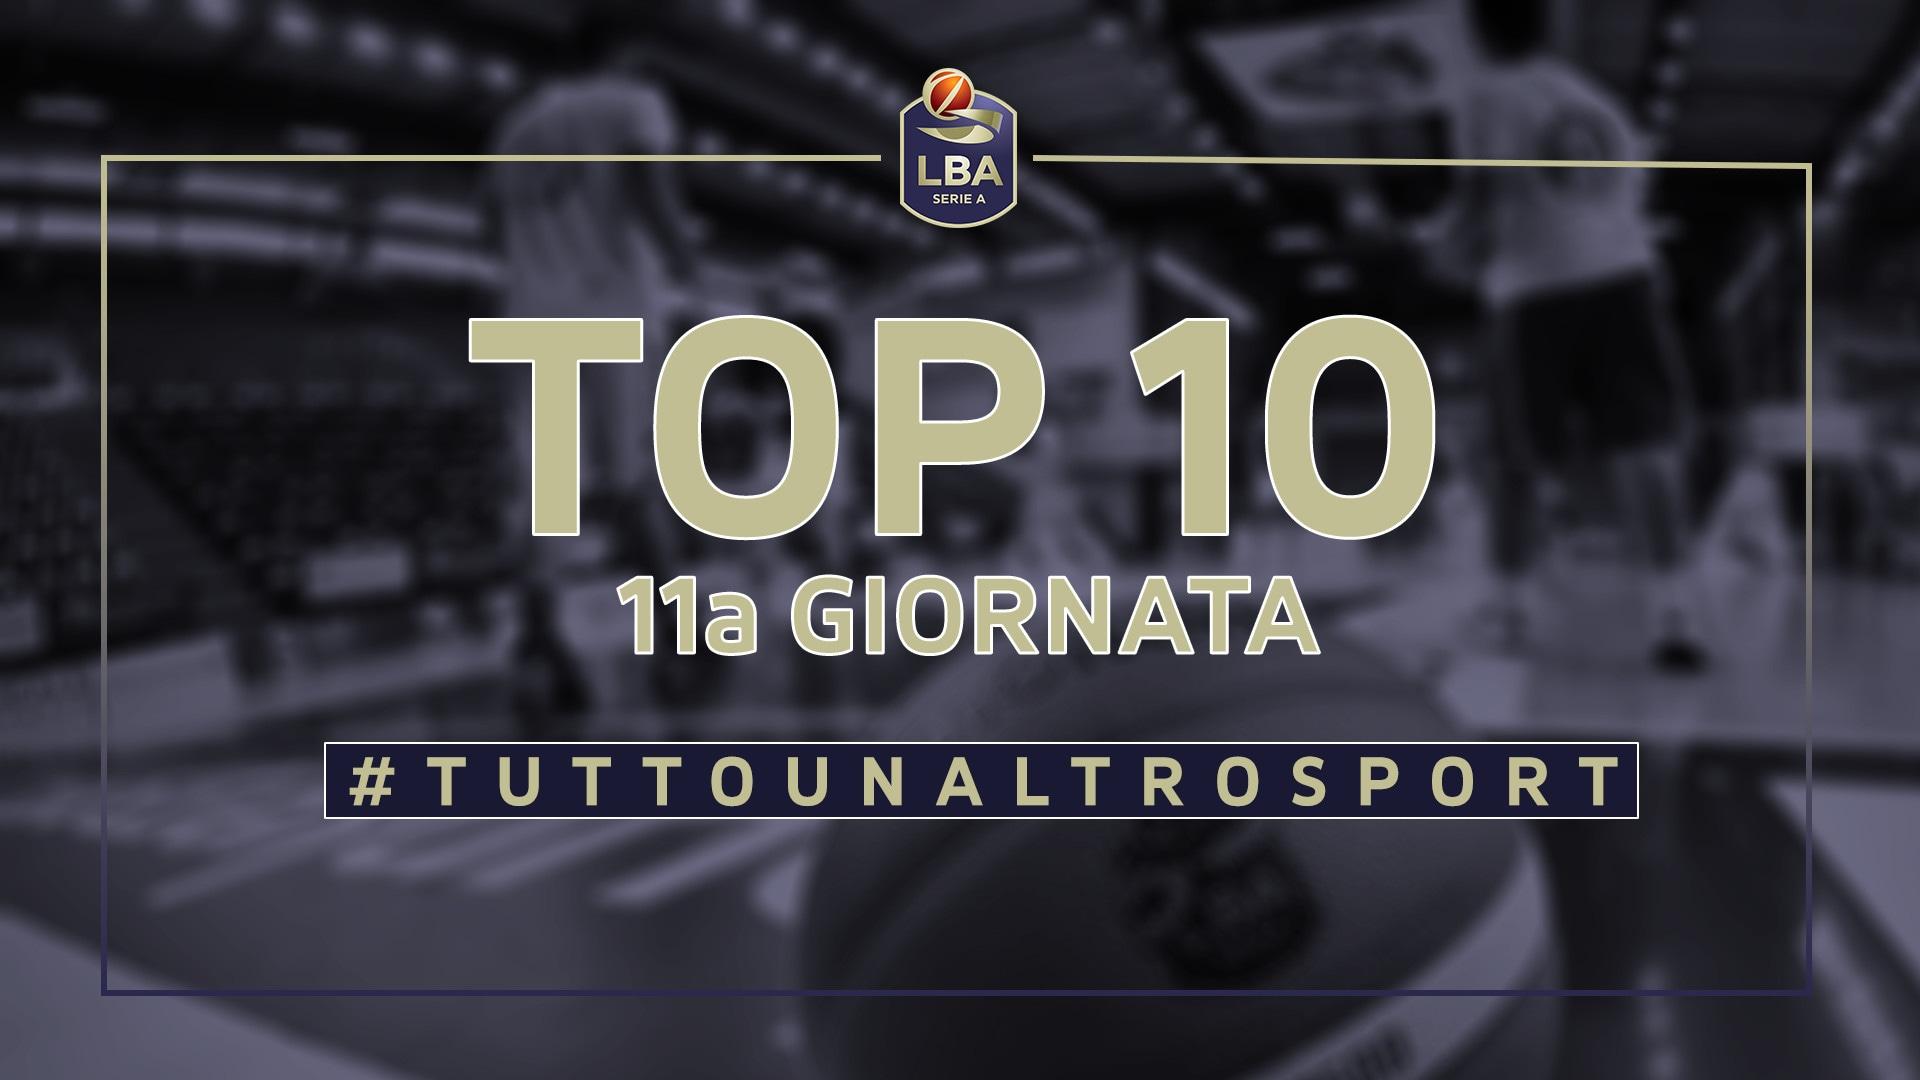 La Top Ten della 11a giornata del campionato LBA di basket